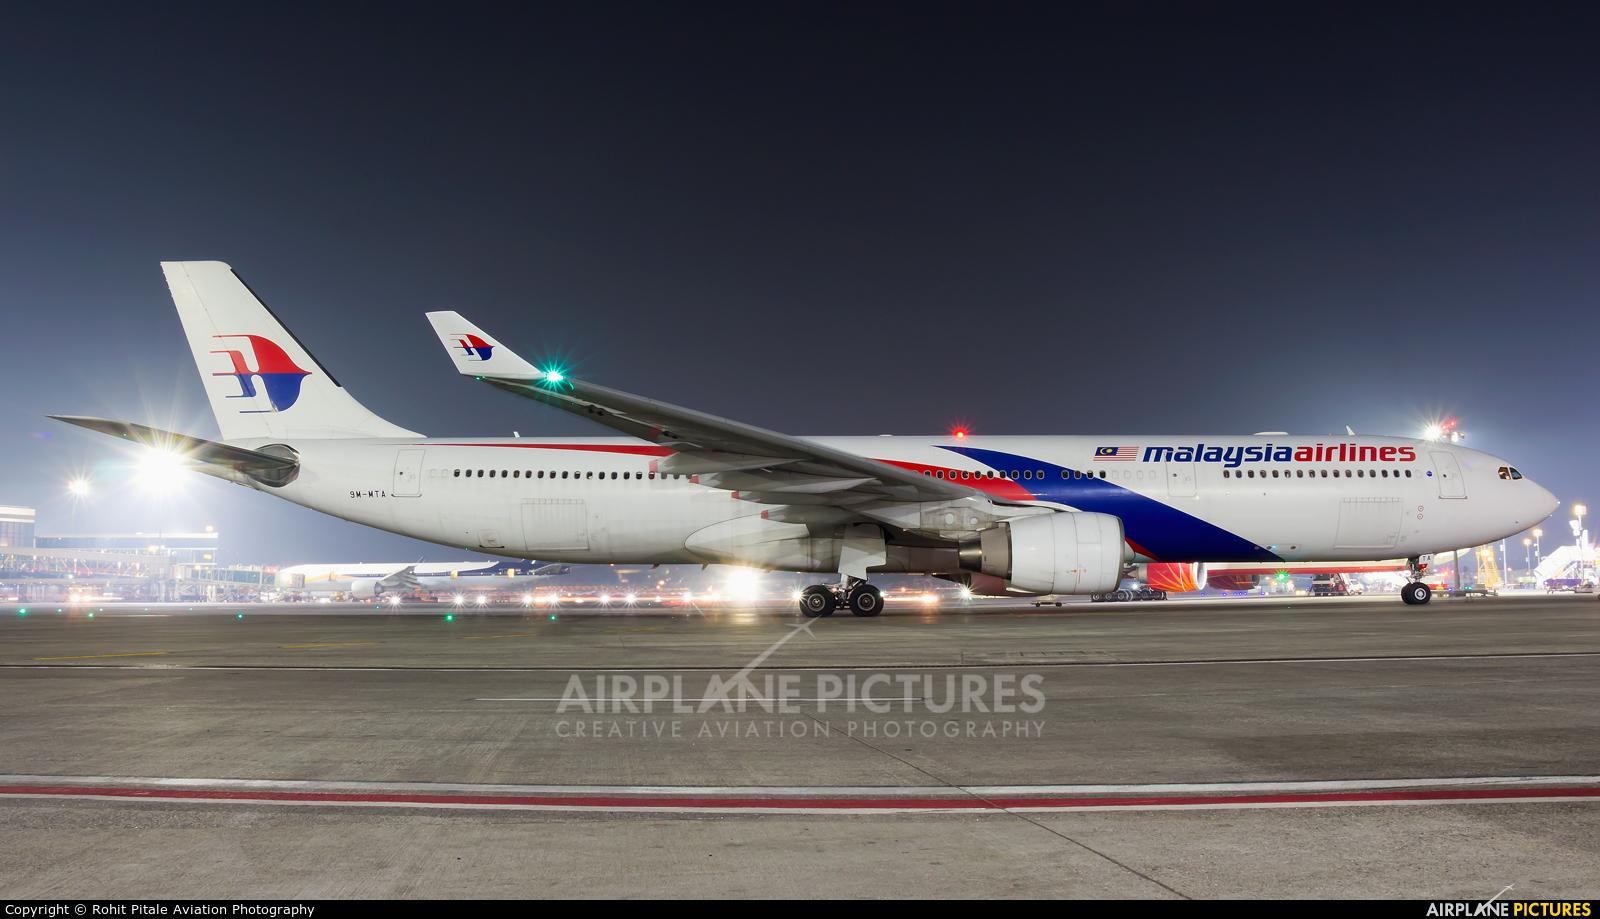 Malaysia Airlines 9M-MTA aircraft at Mumbai - Chhatrapati Shivaji Intl